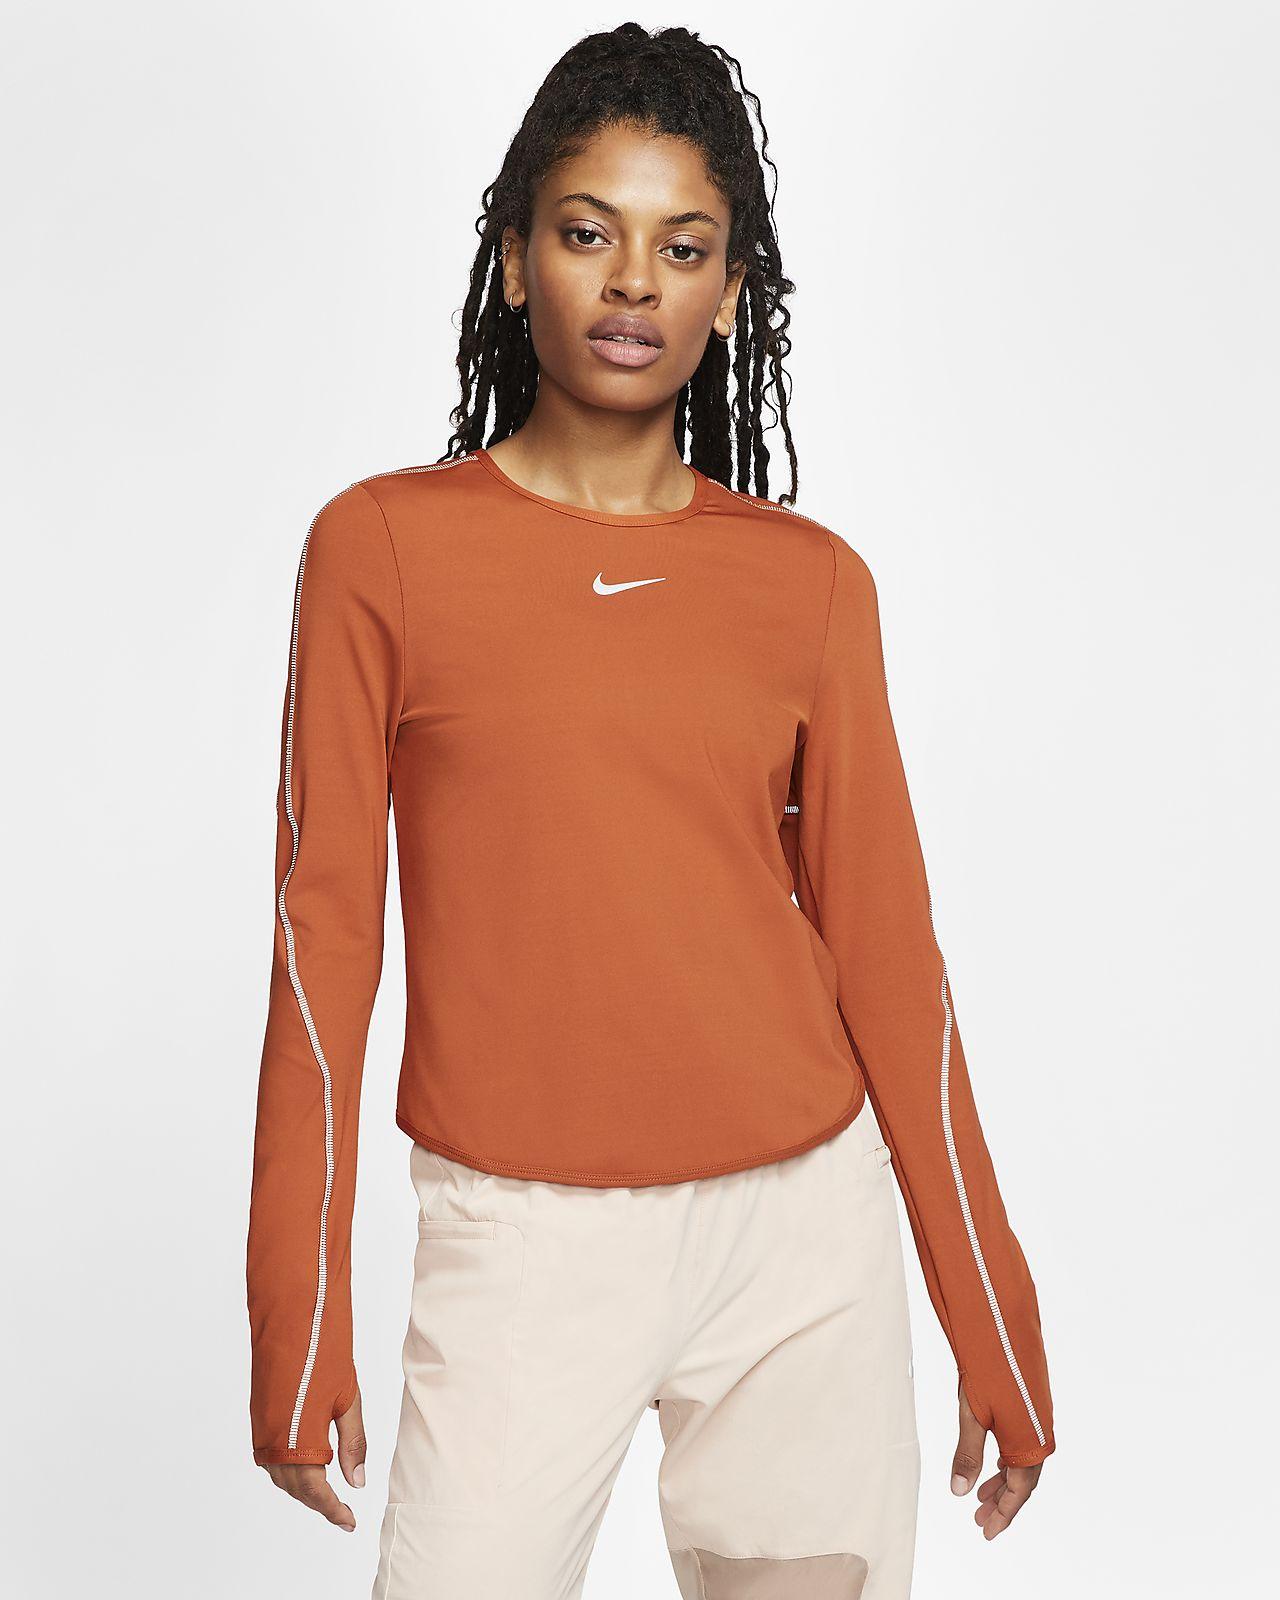 Långärmad löpartröja Nike för kvinnor